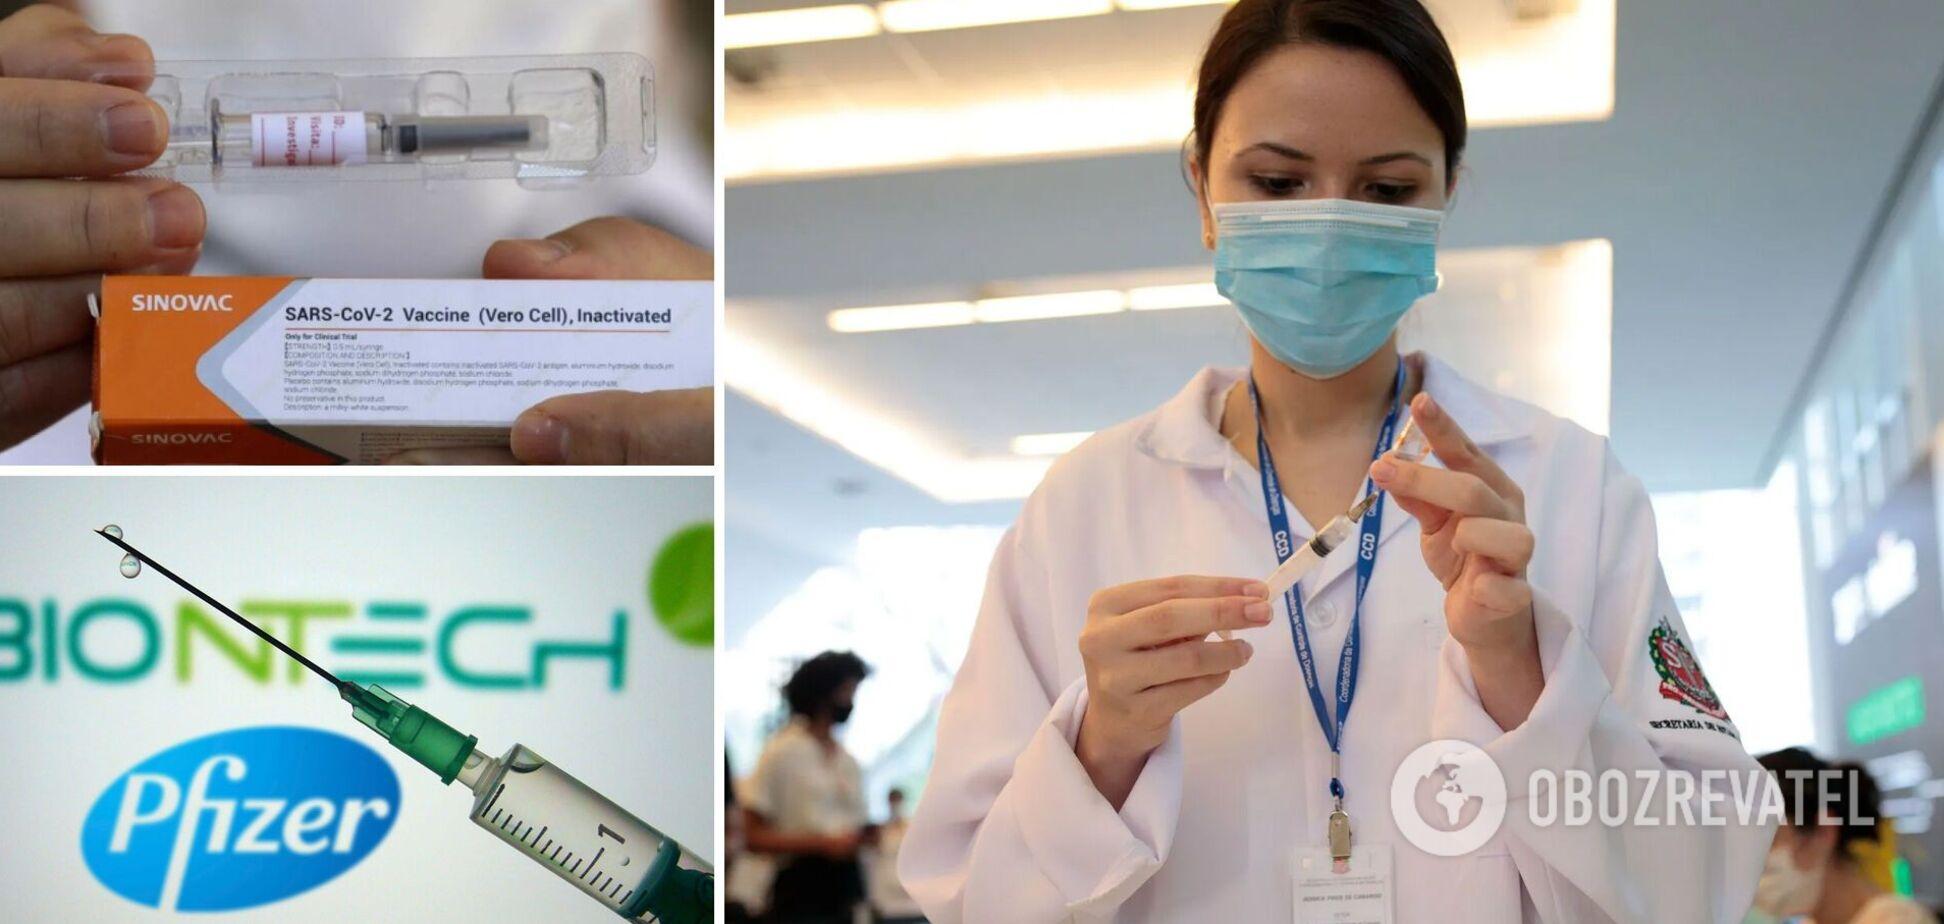 Ефективність Sinovac поставили під сумнів: що чекає на Україну, якщо поставки вакцини з Китаю скасують